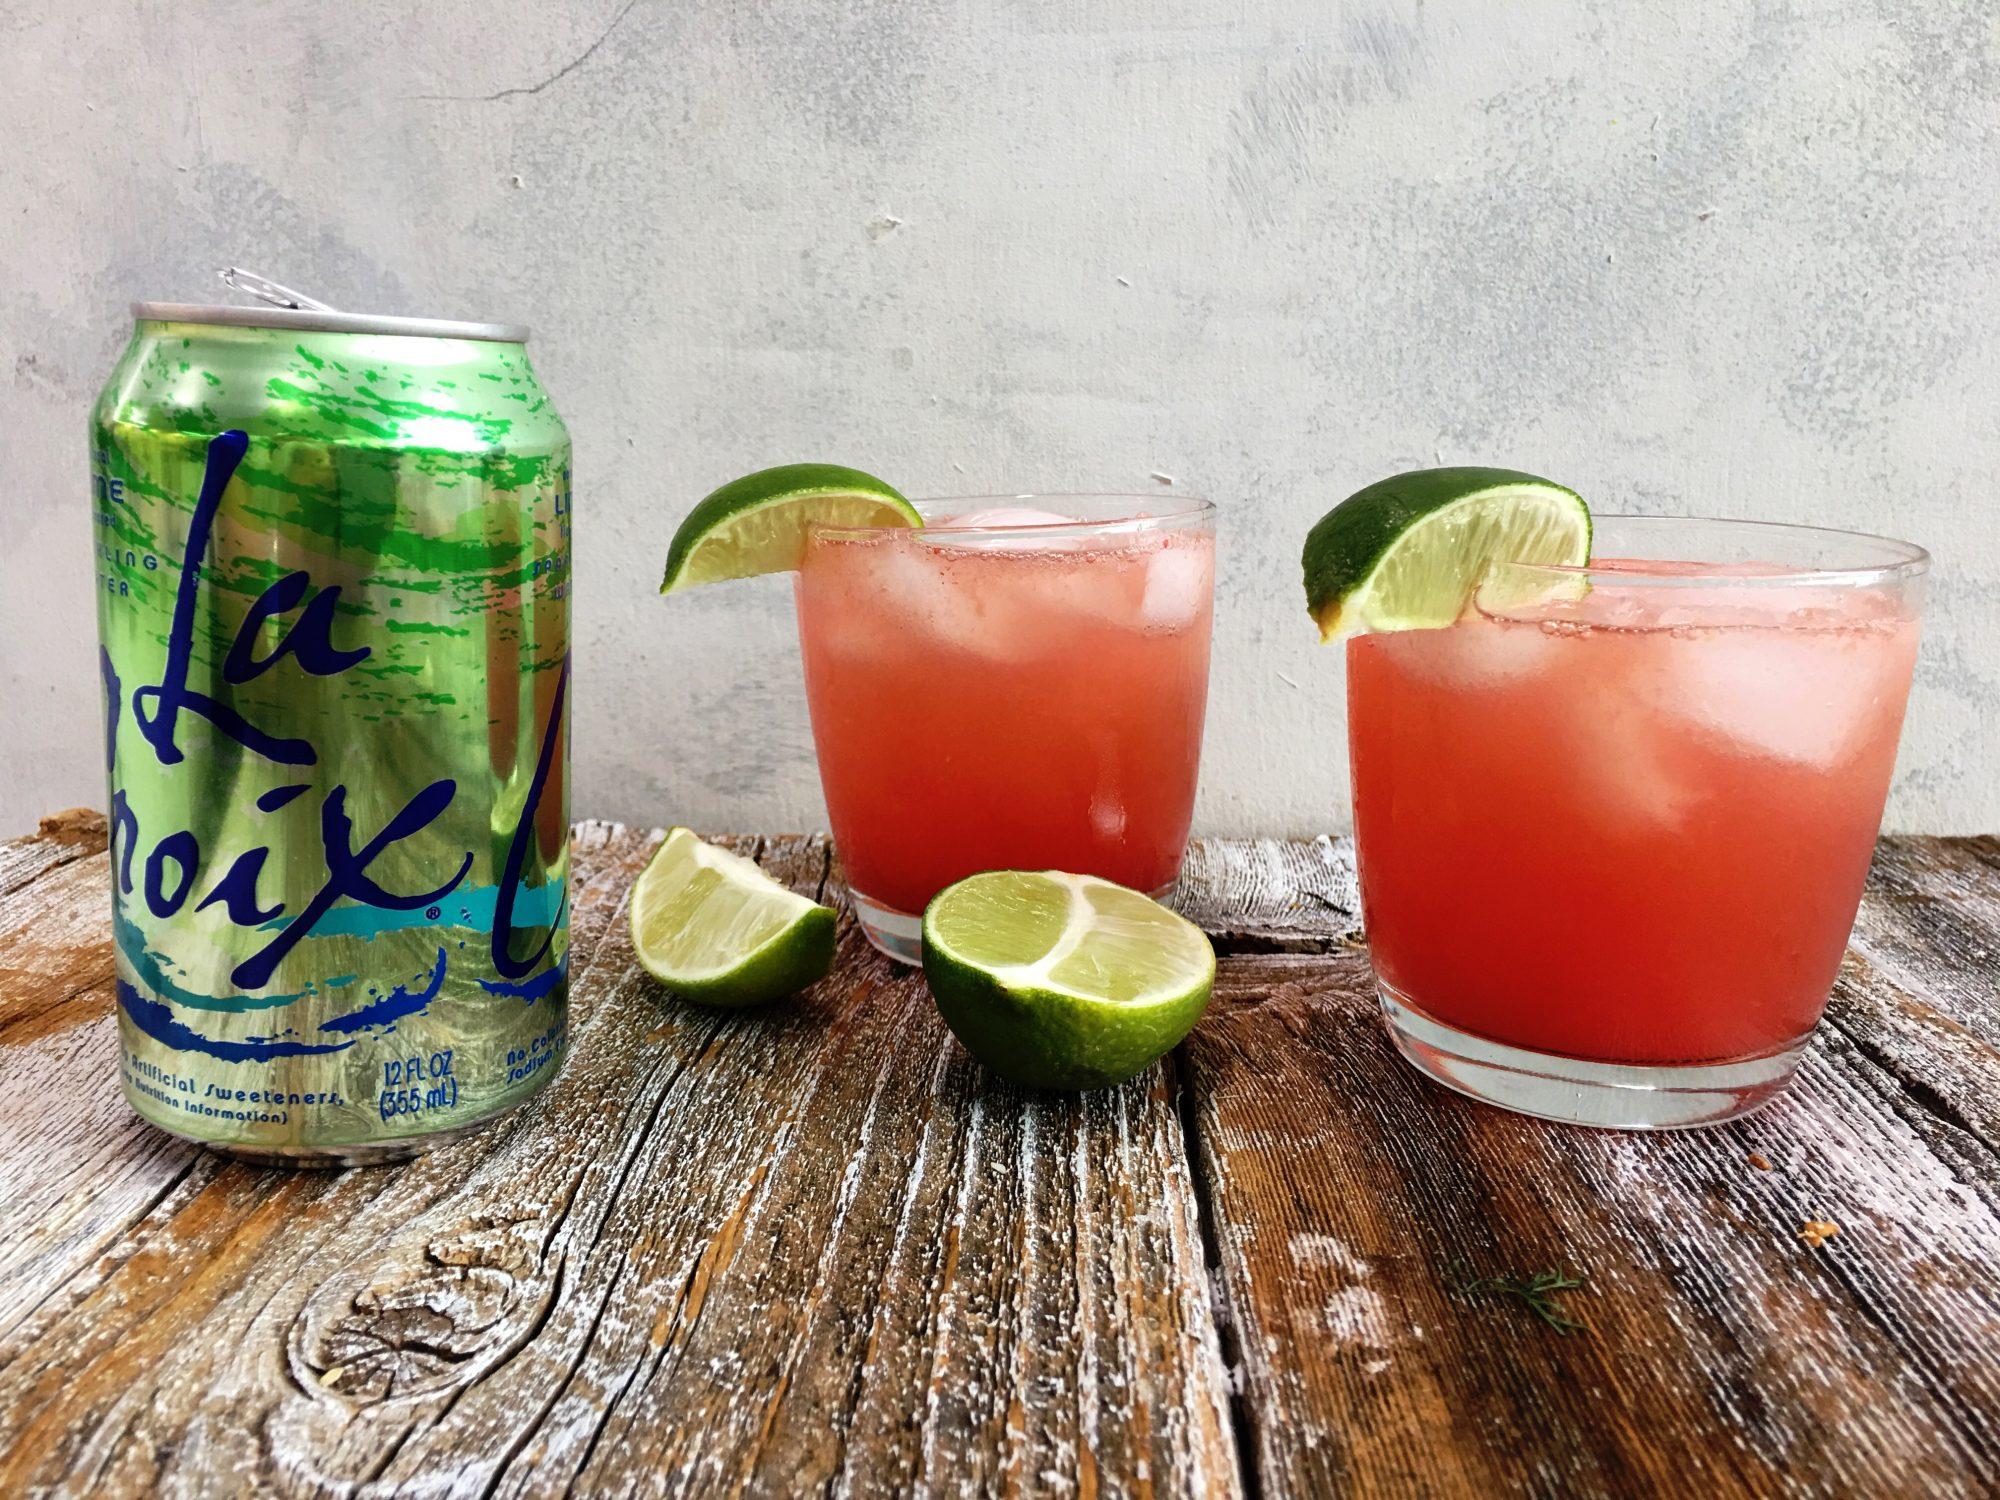 La Croix Watermelon Agua Fresca